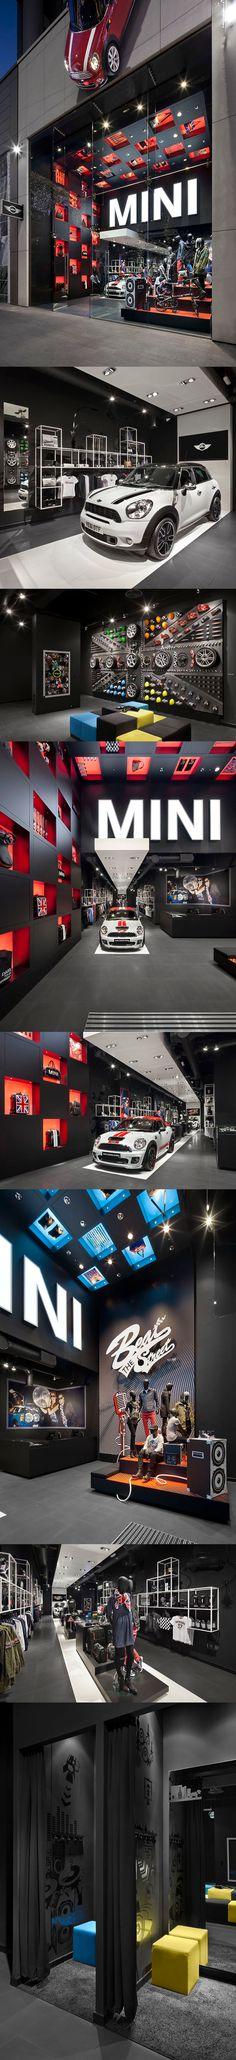 Mini showroom, London